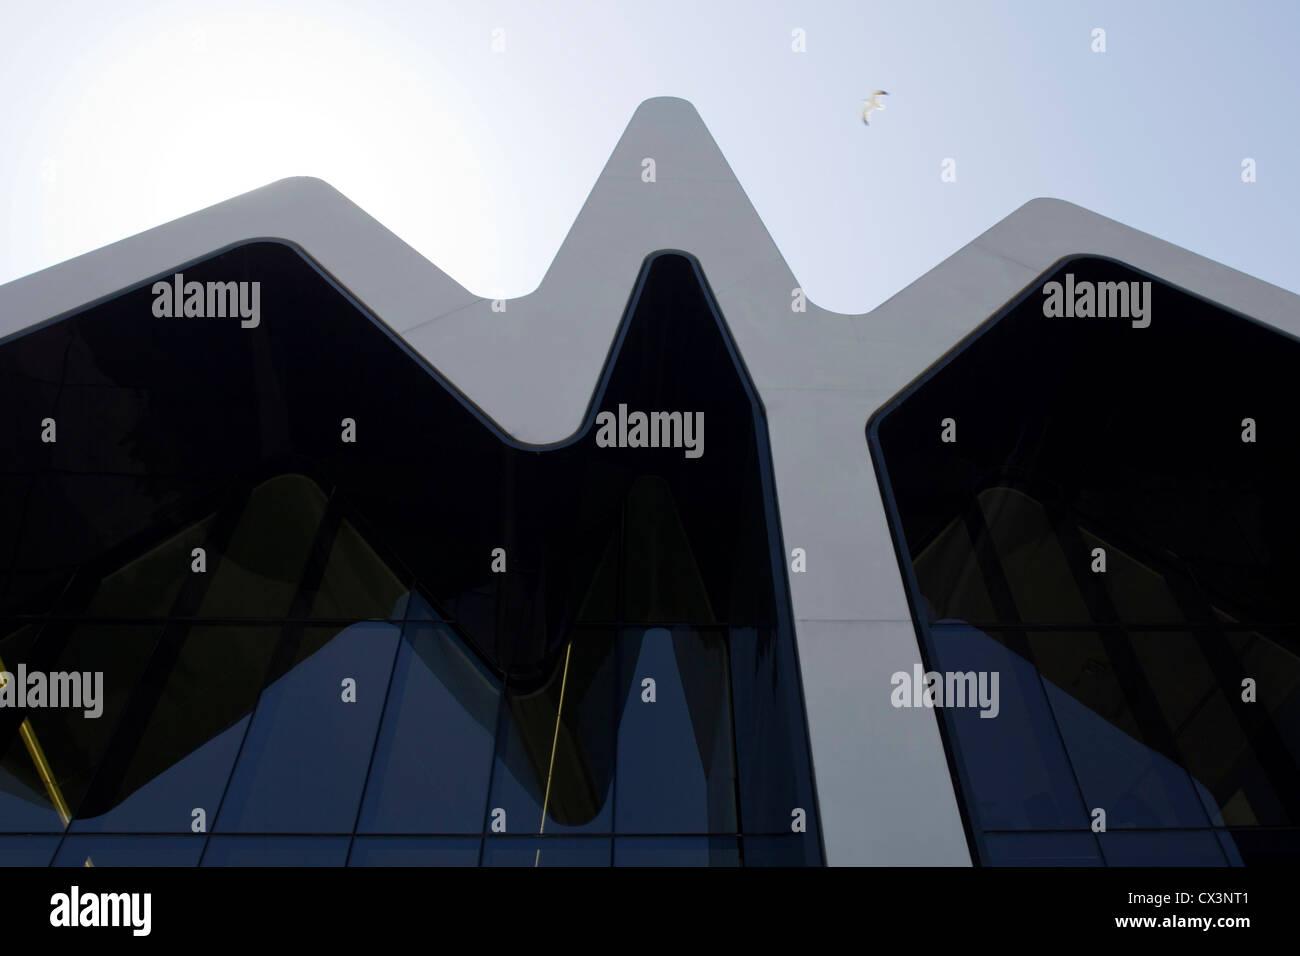 Glasgow Riverside Museum of Transport, Glasgow, United Kingdom. Architect: Zaha Hadid Architects, 2012. Detail of - Stock Image